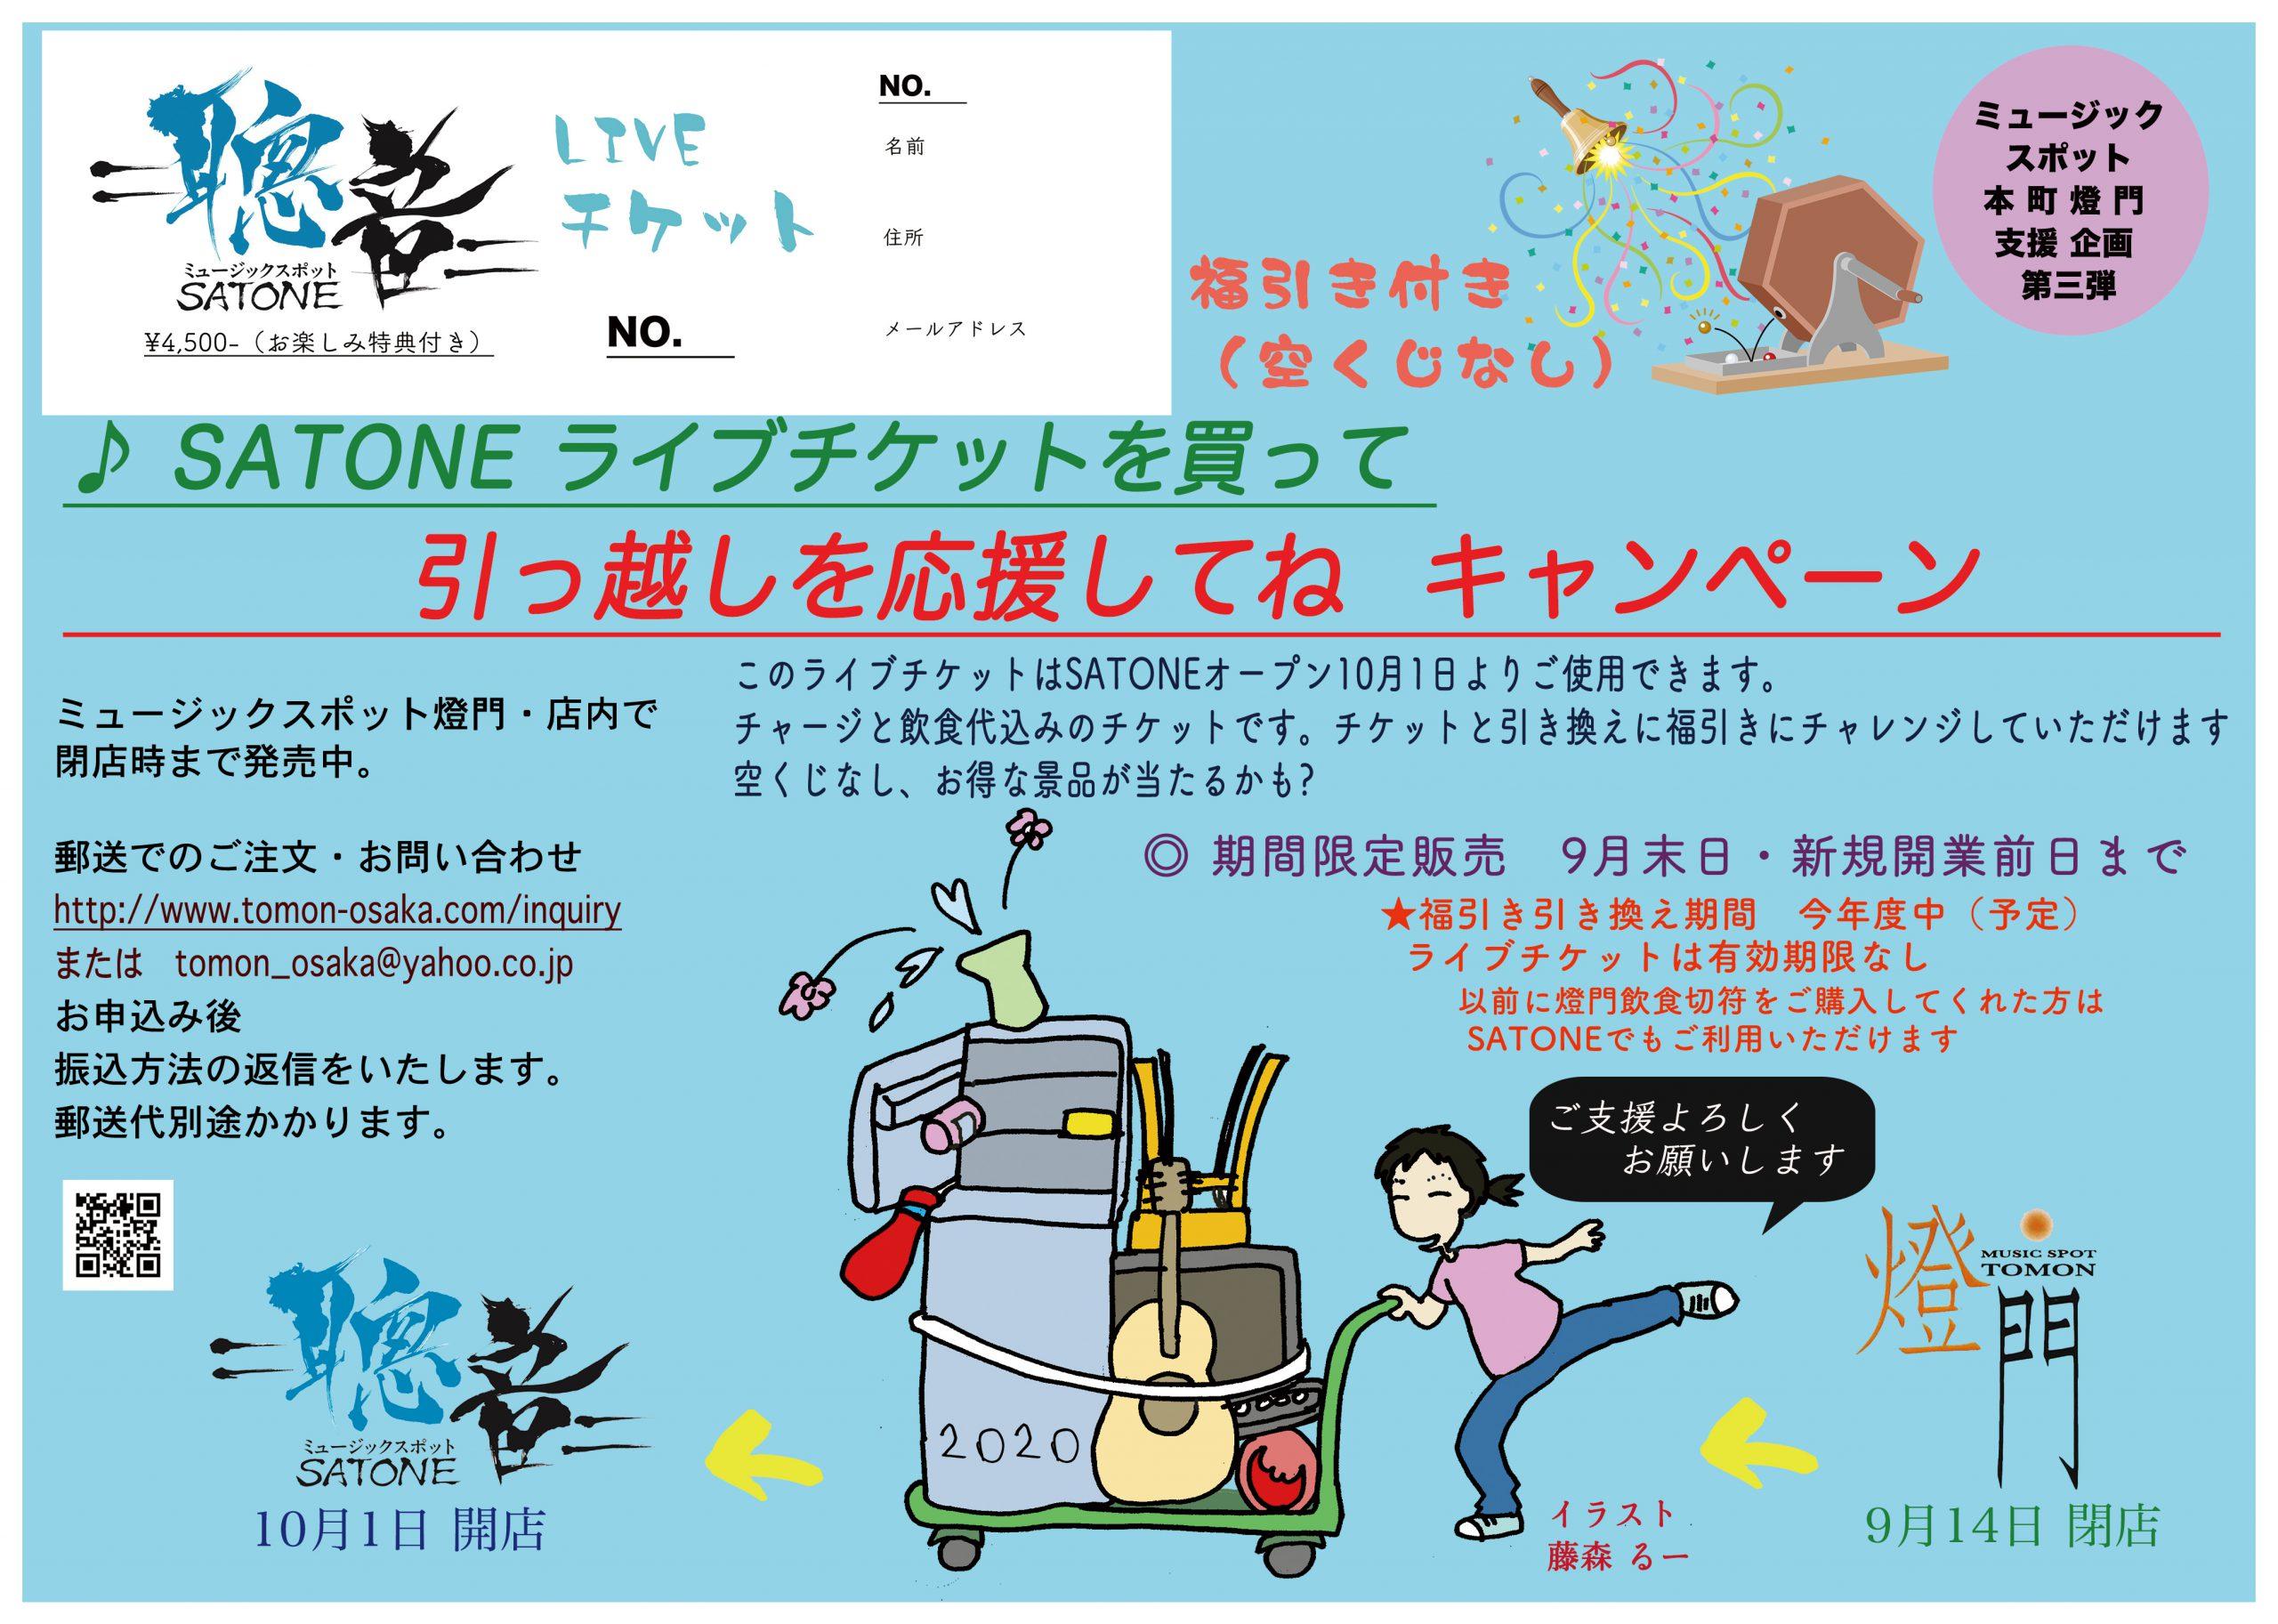 本 町 燈 門~堺筋本町 SATONE 支援 企画 第三弾             SATONE飲食切符を買って 応援してね、 福引付きキャンペーン